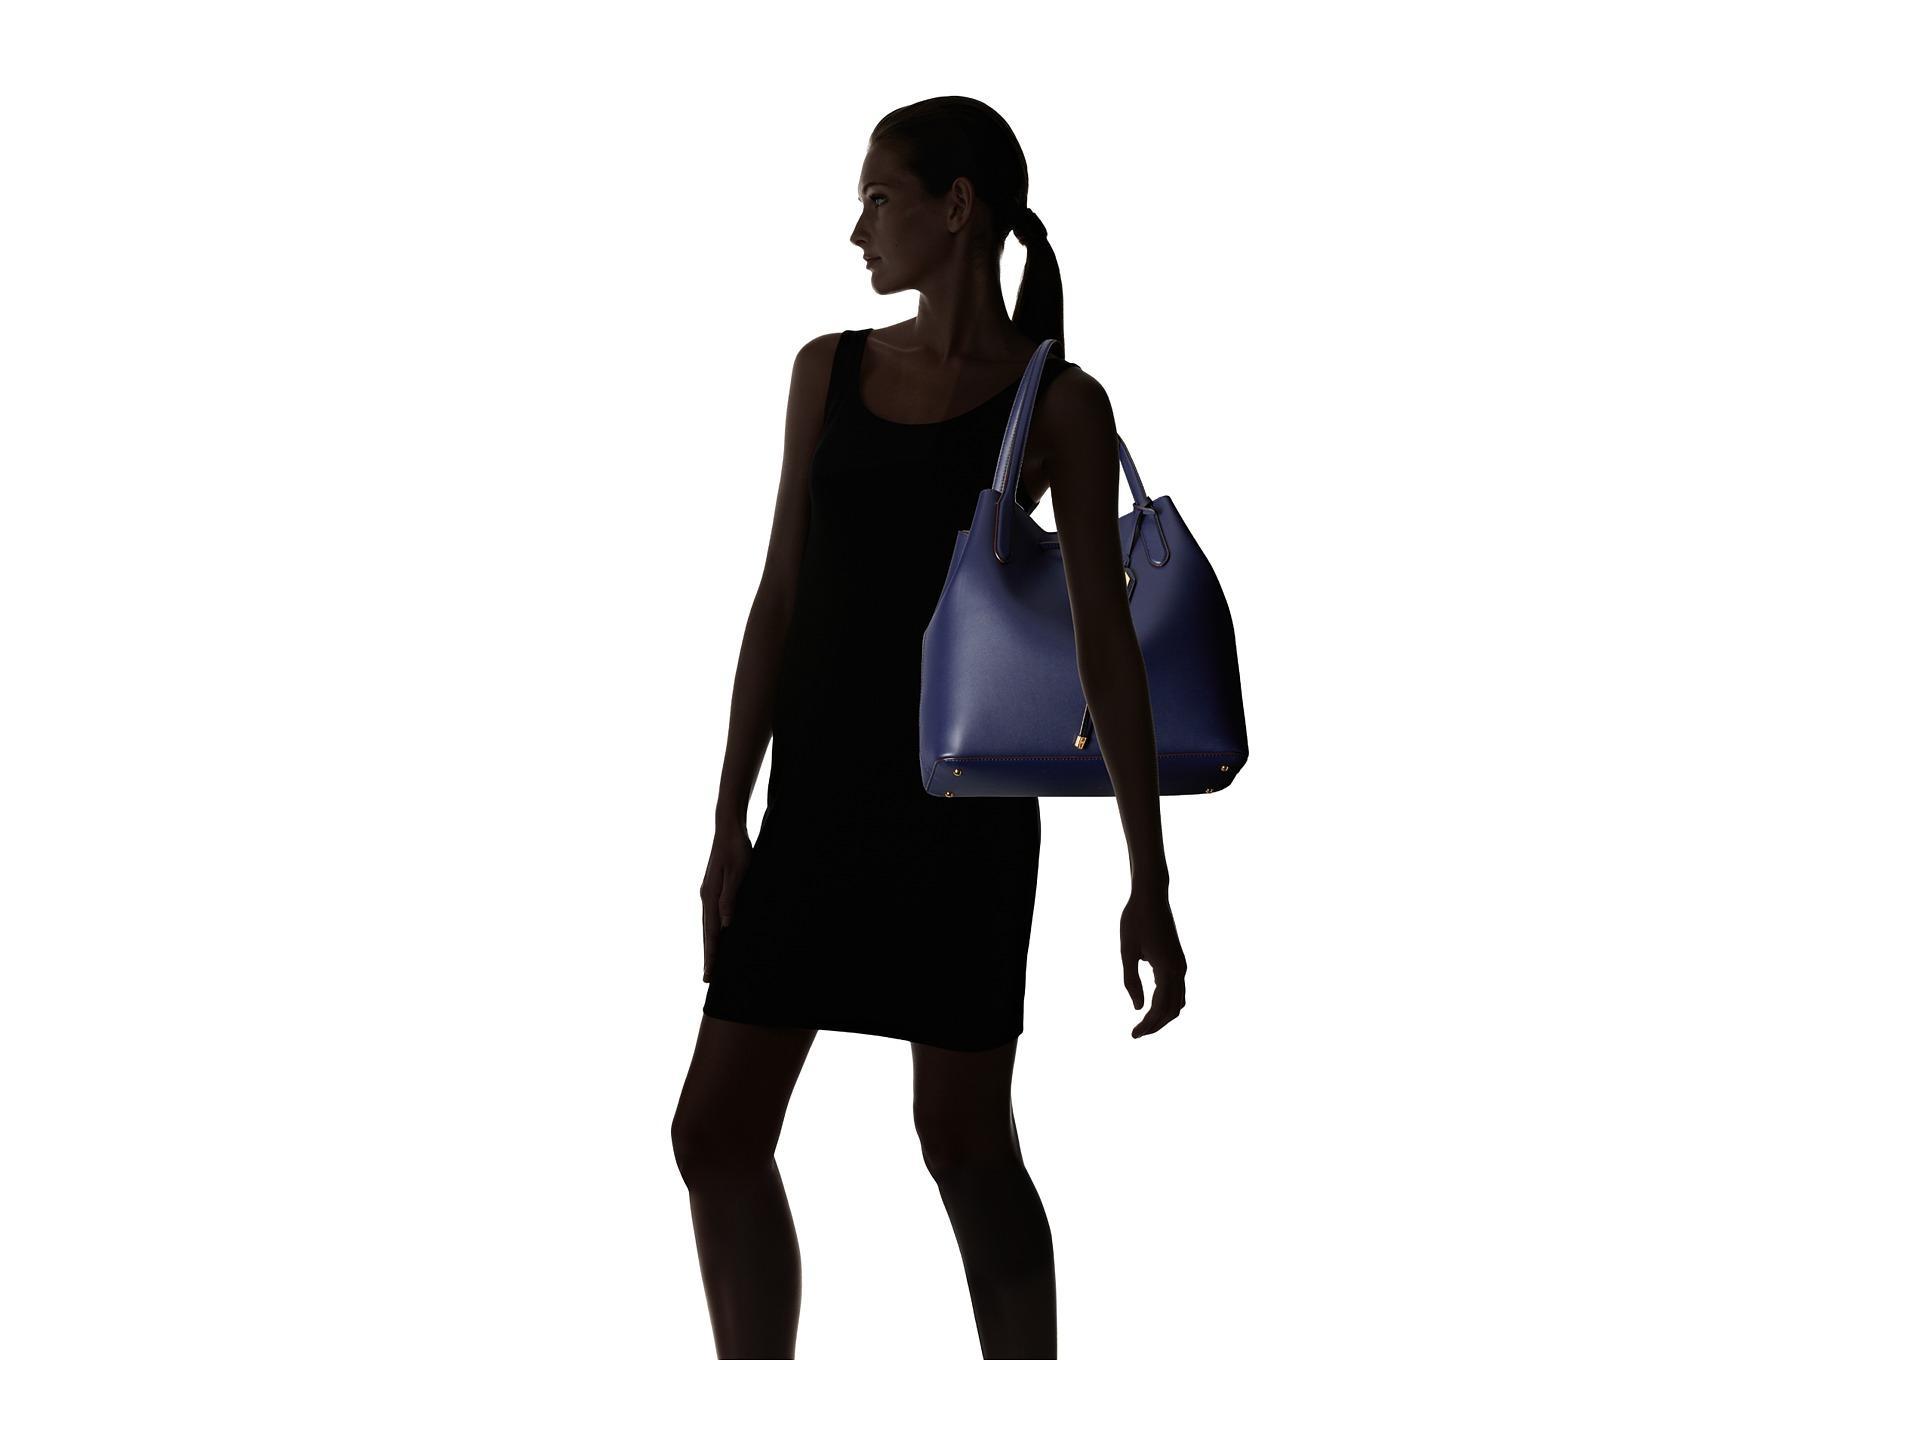 fea8d05056 Lyst - Lauren by Ralph Lauren Dryden Diana Tote in Blue